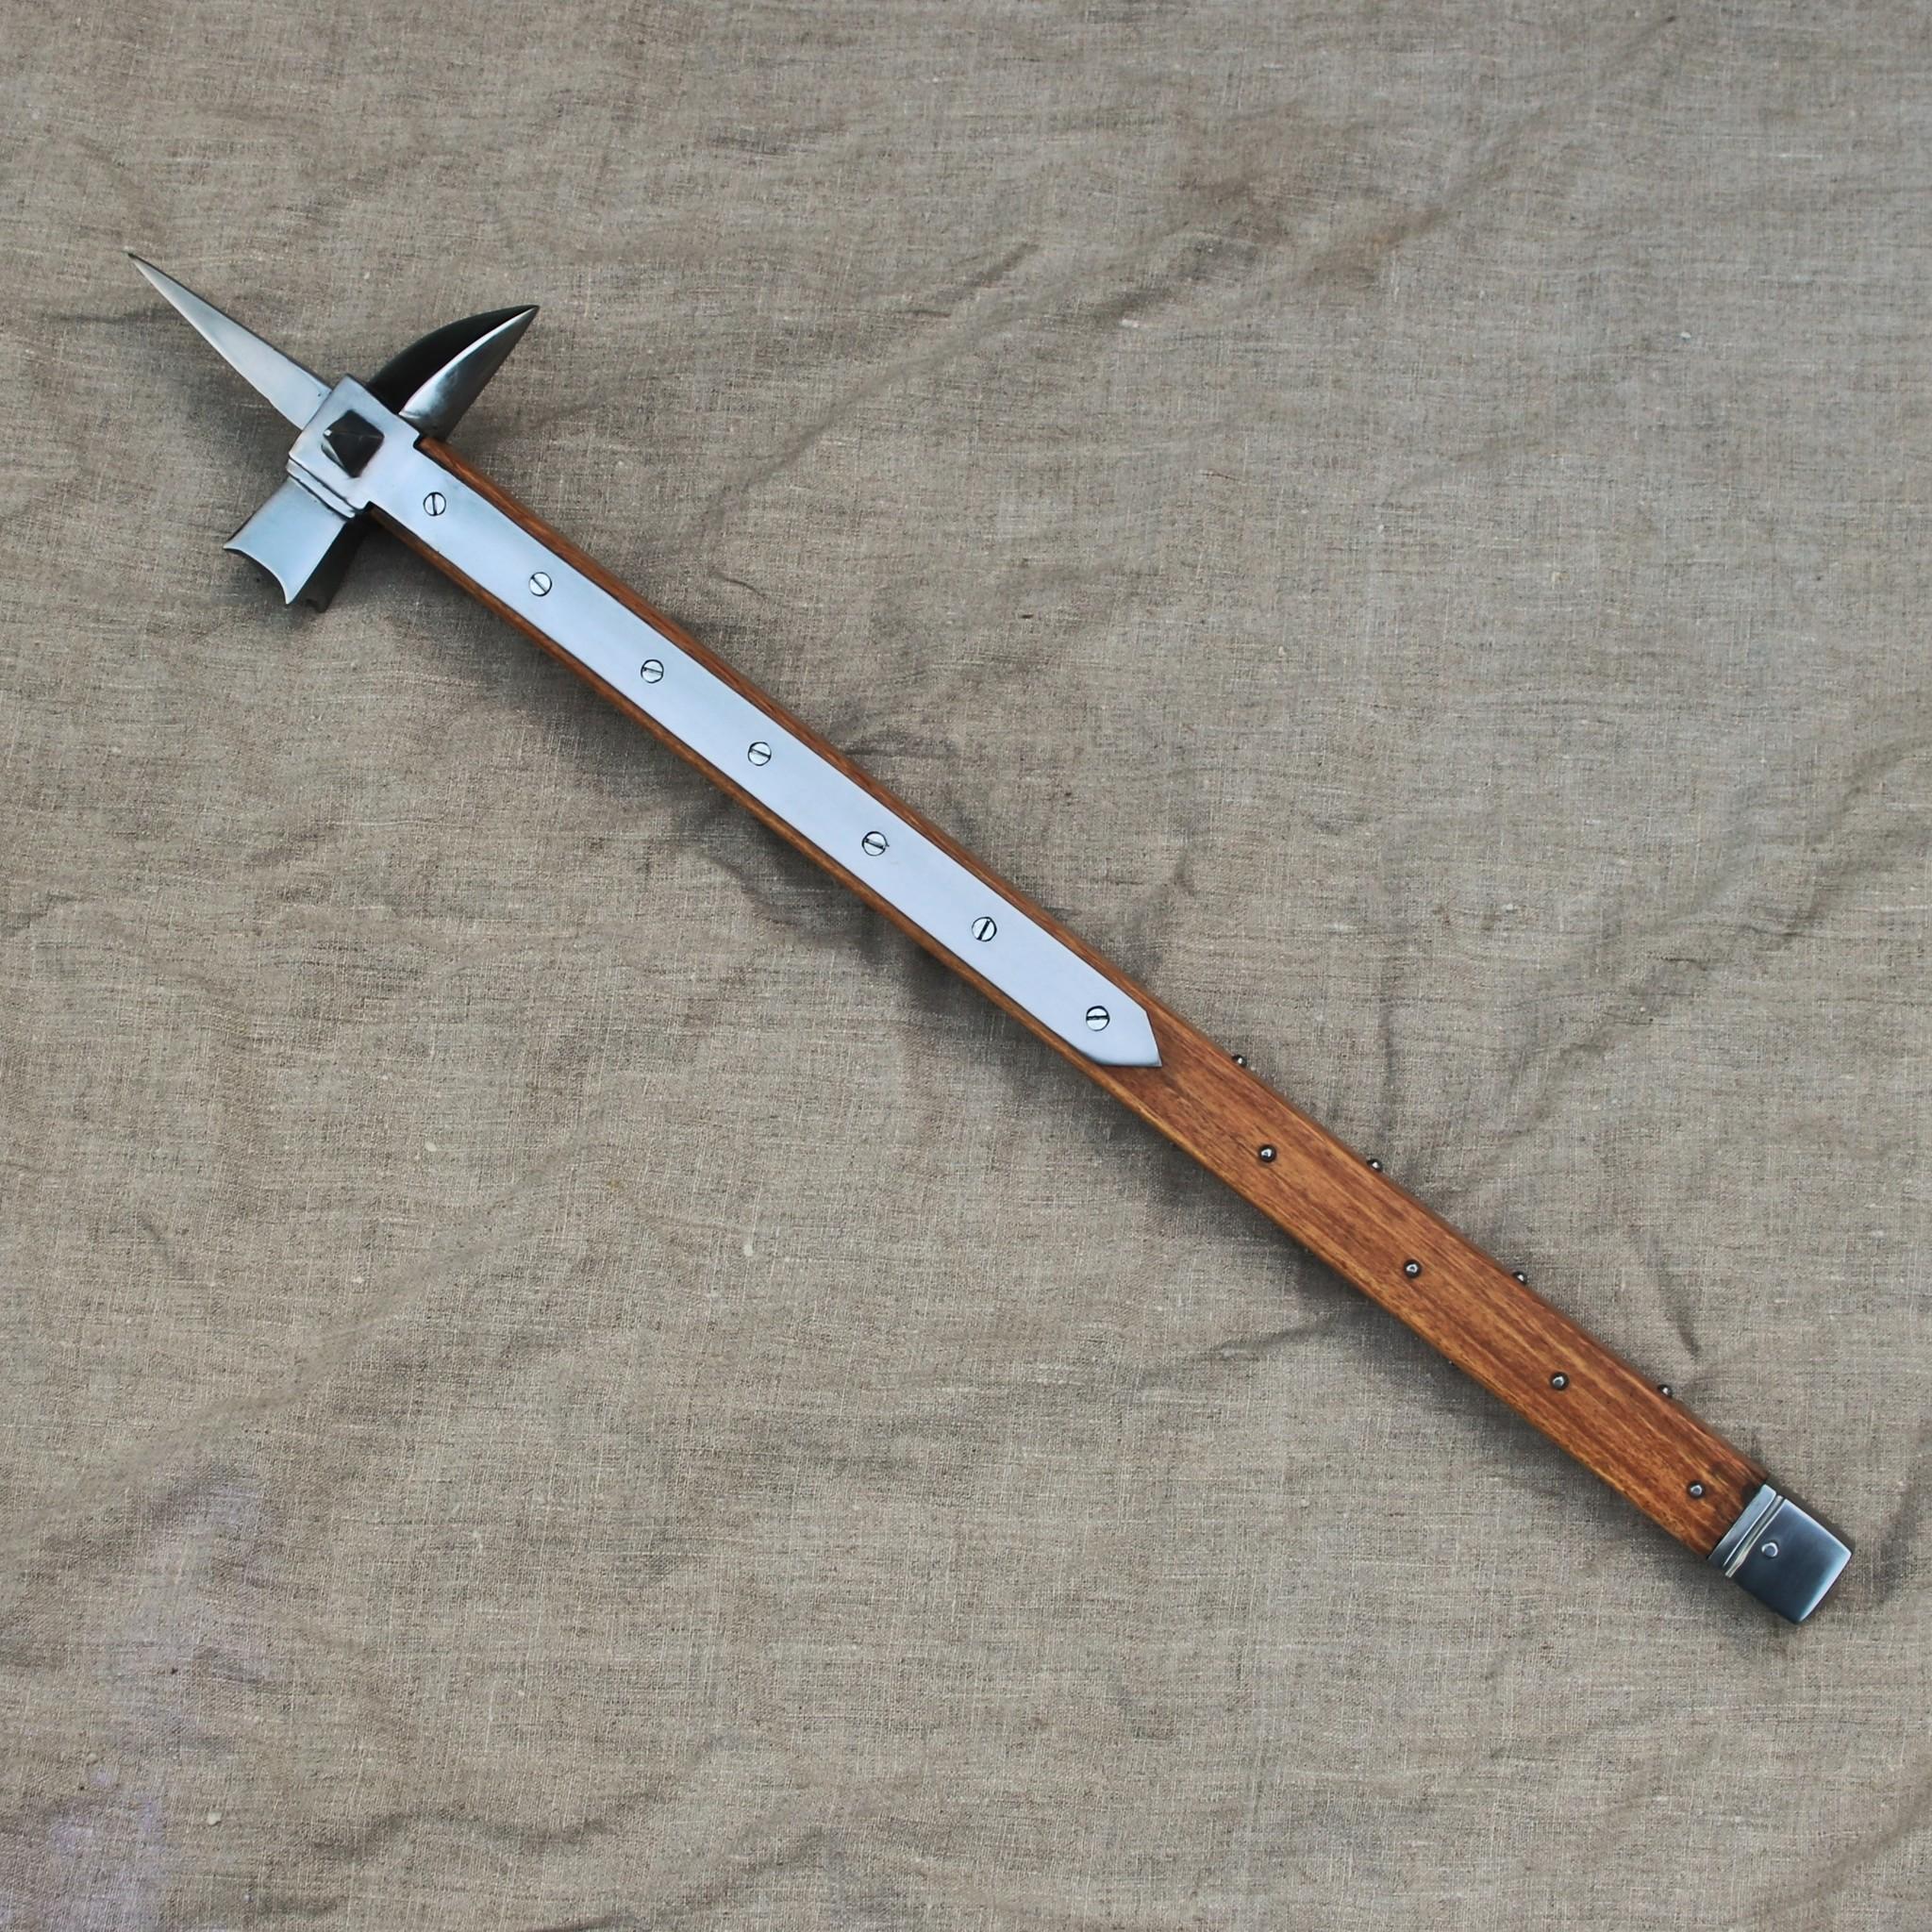 windlass-steelcrafts-medieval-war-hammer-1400.jpg